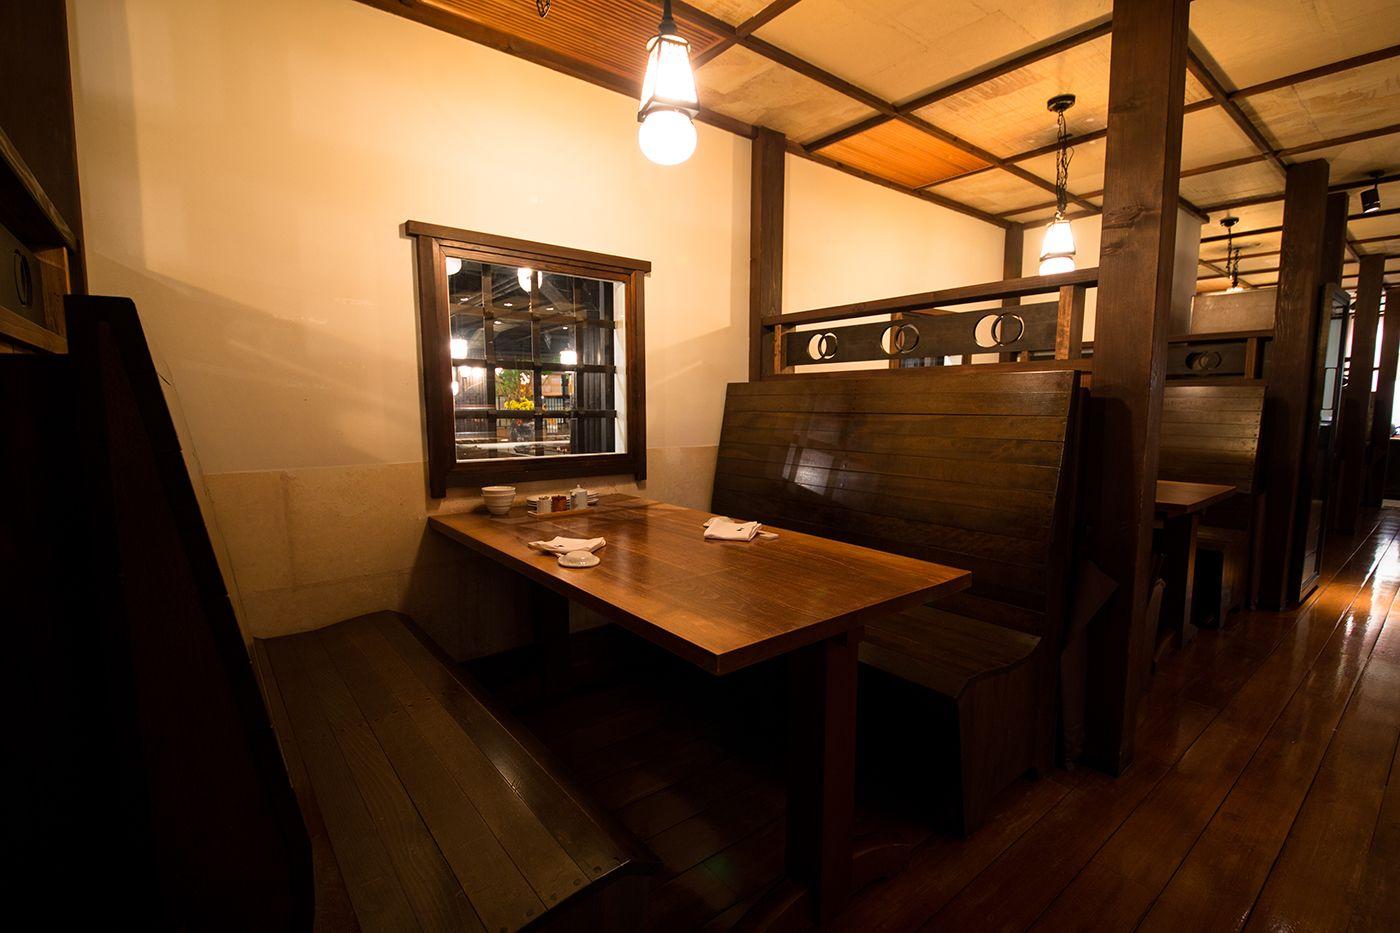 G-Zone銀座   レストラン, 和食 レストラン, 権八